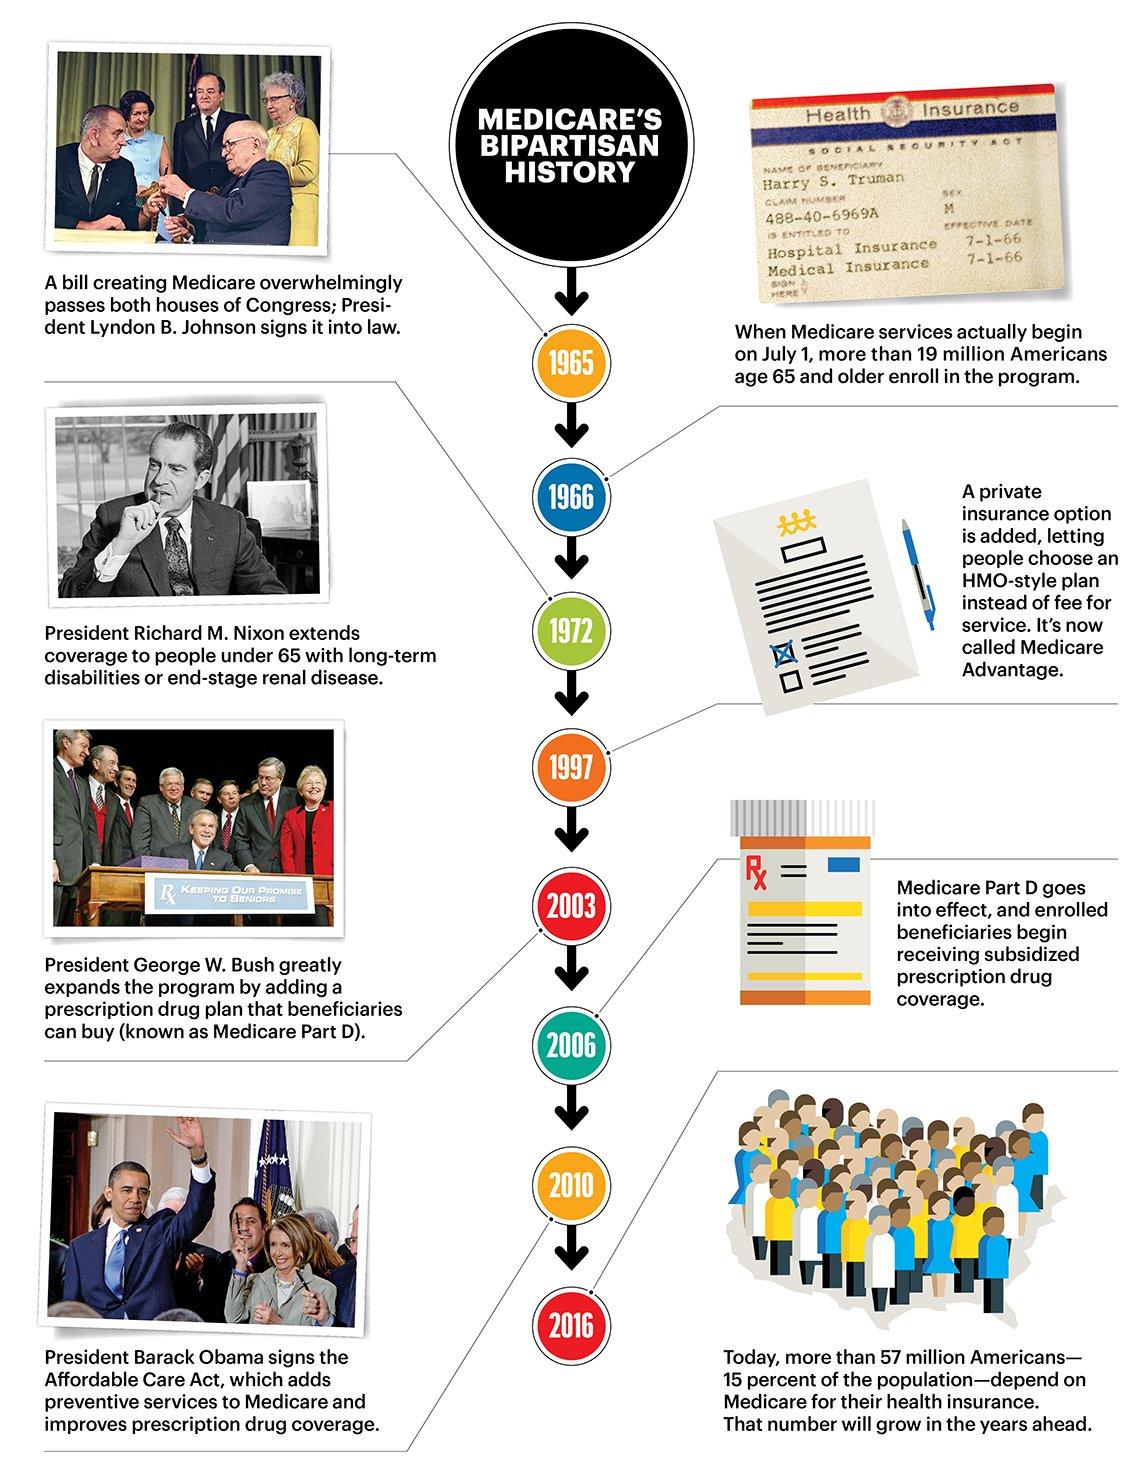 The Medicare Timeline